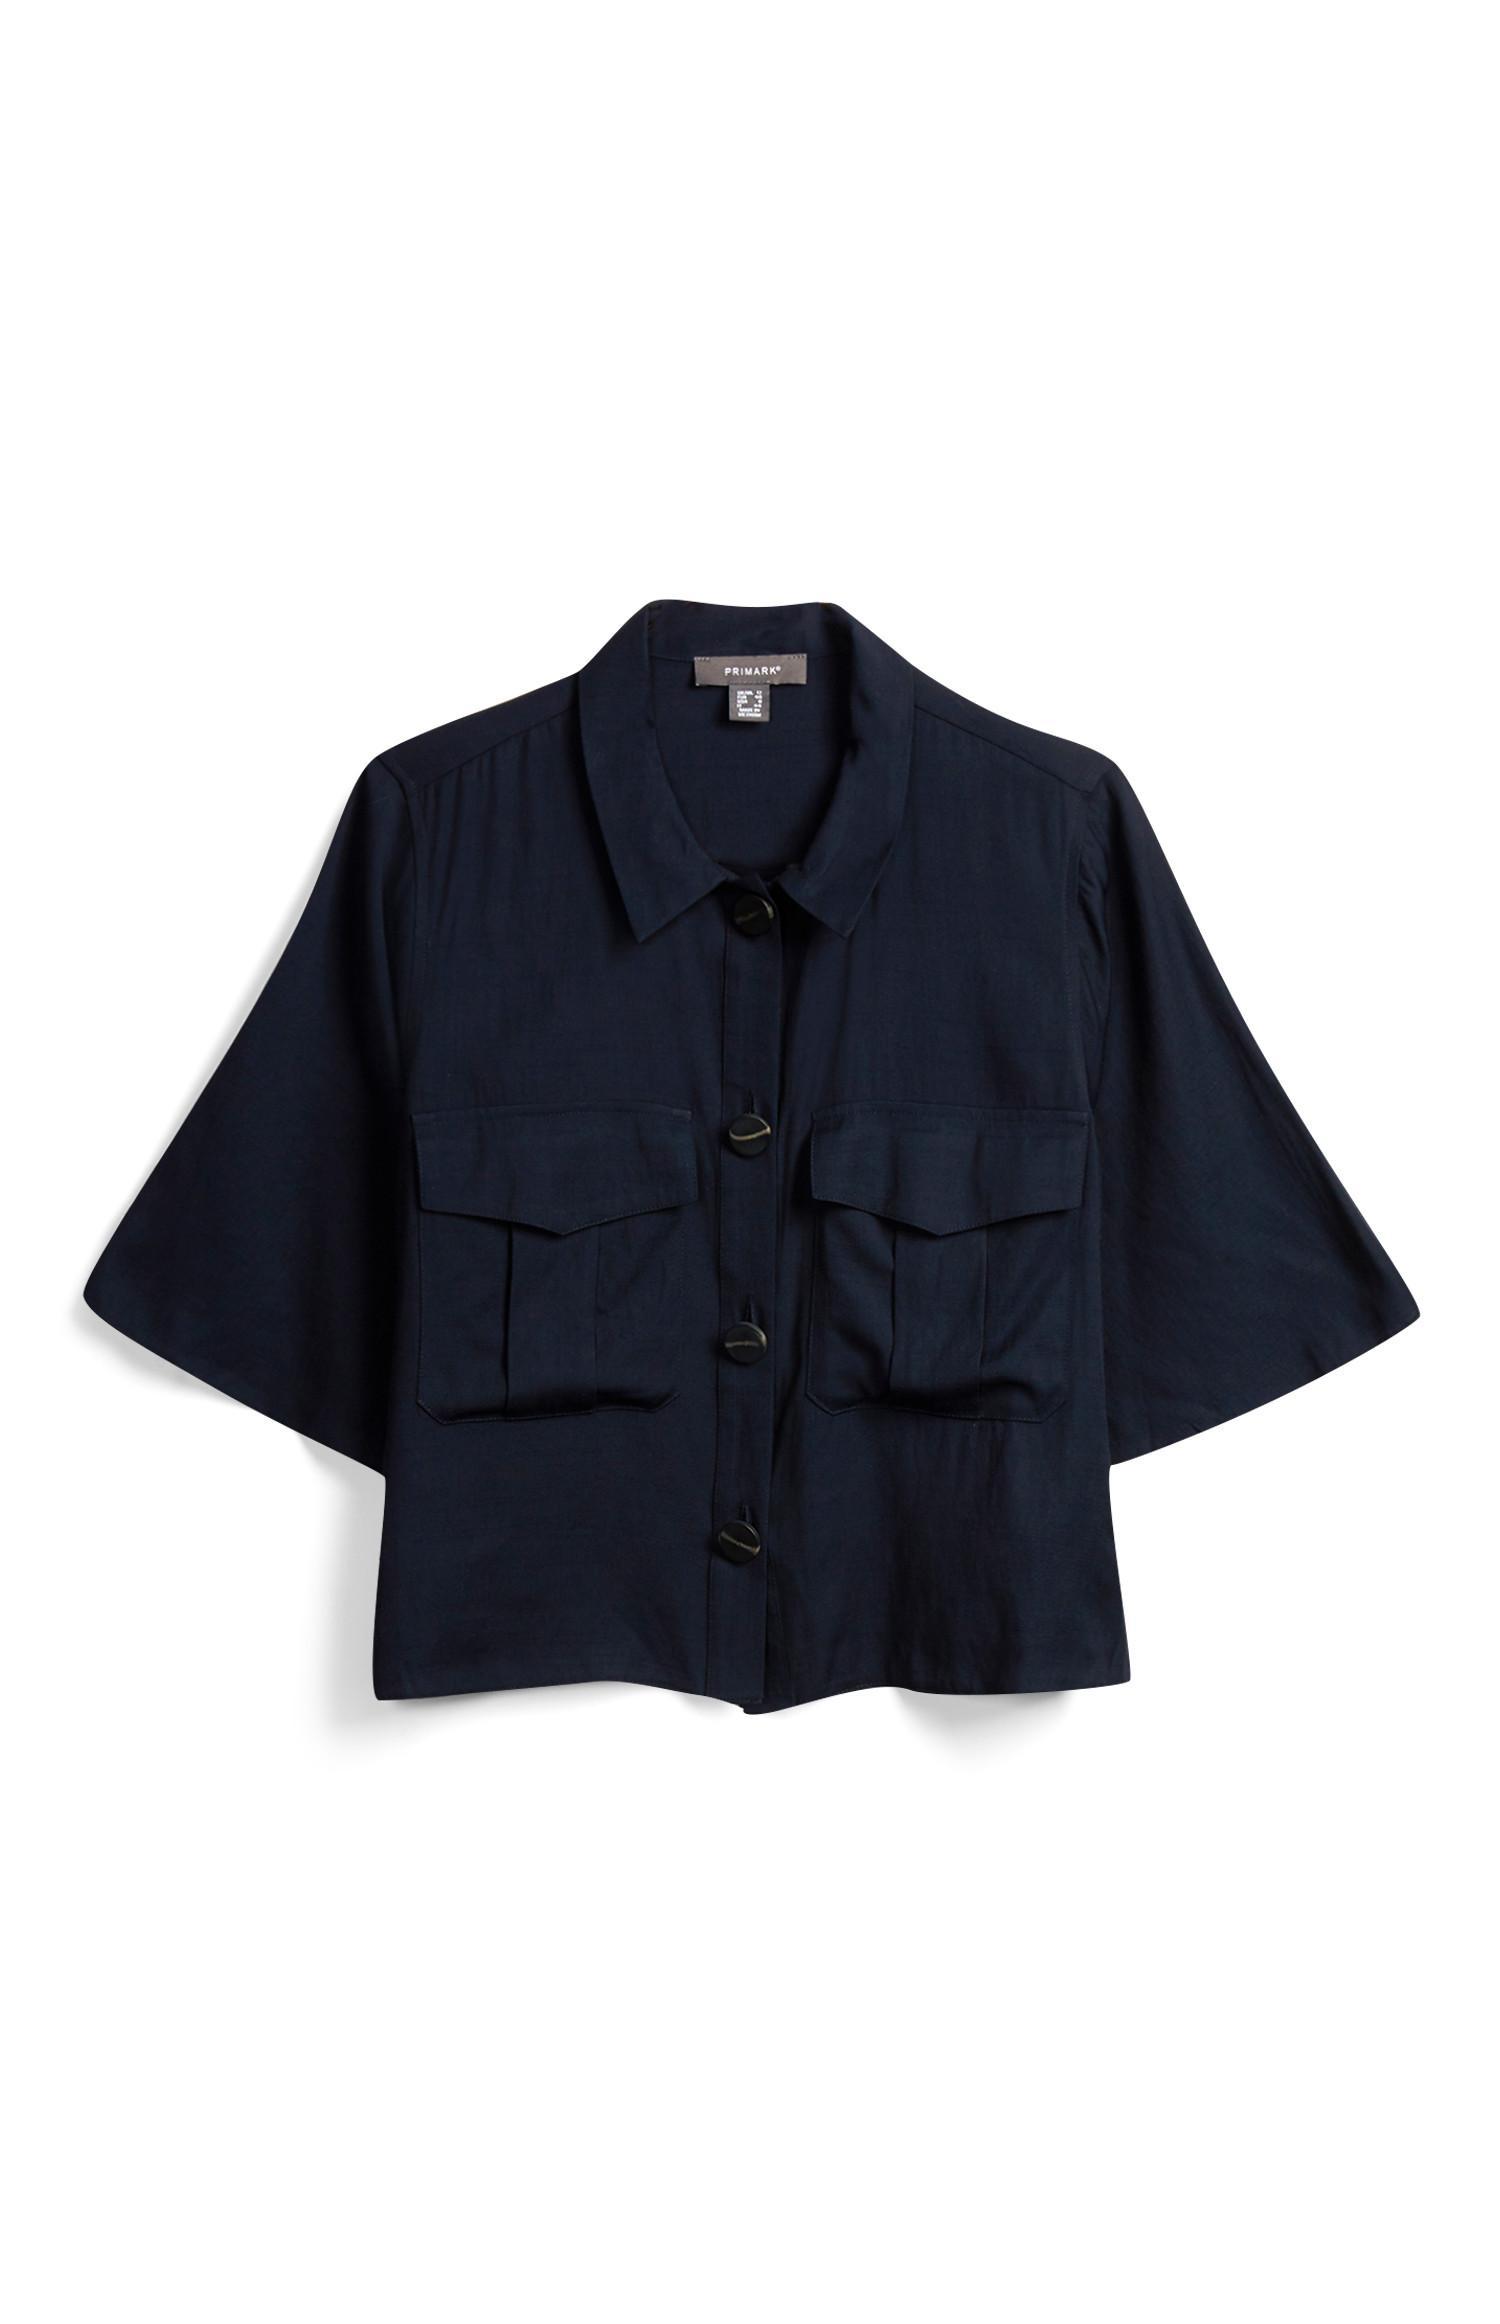 Camisa prática azul-marinho